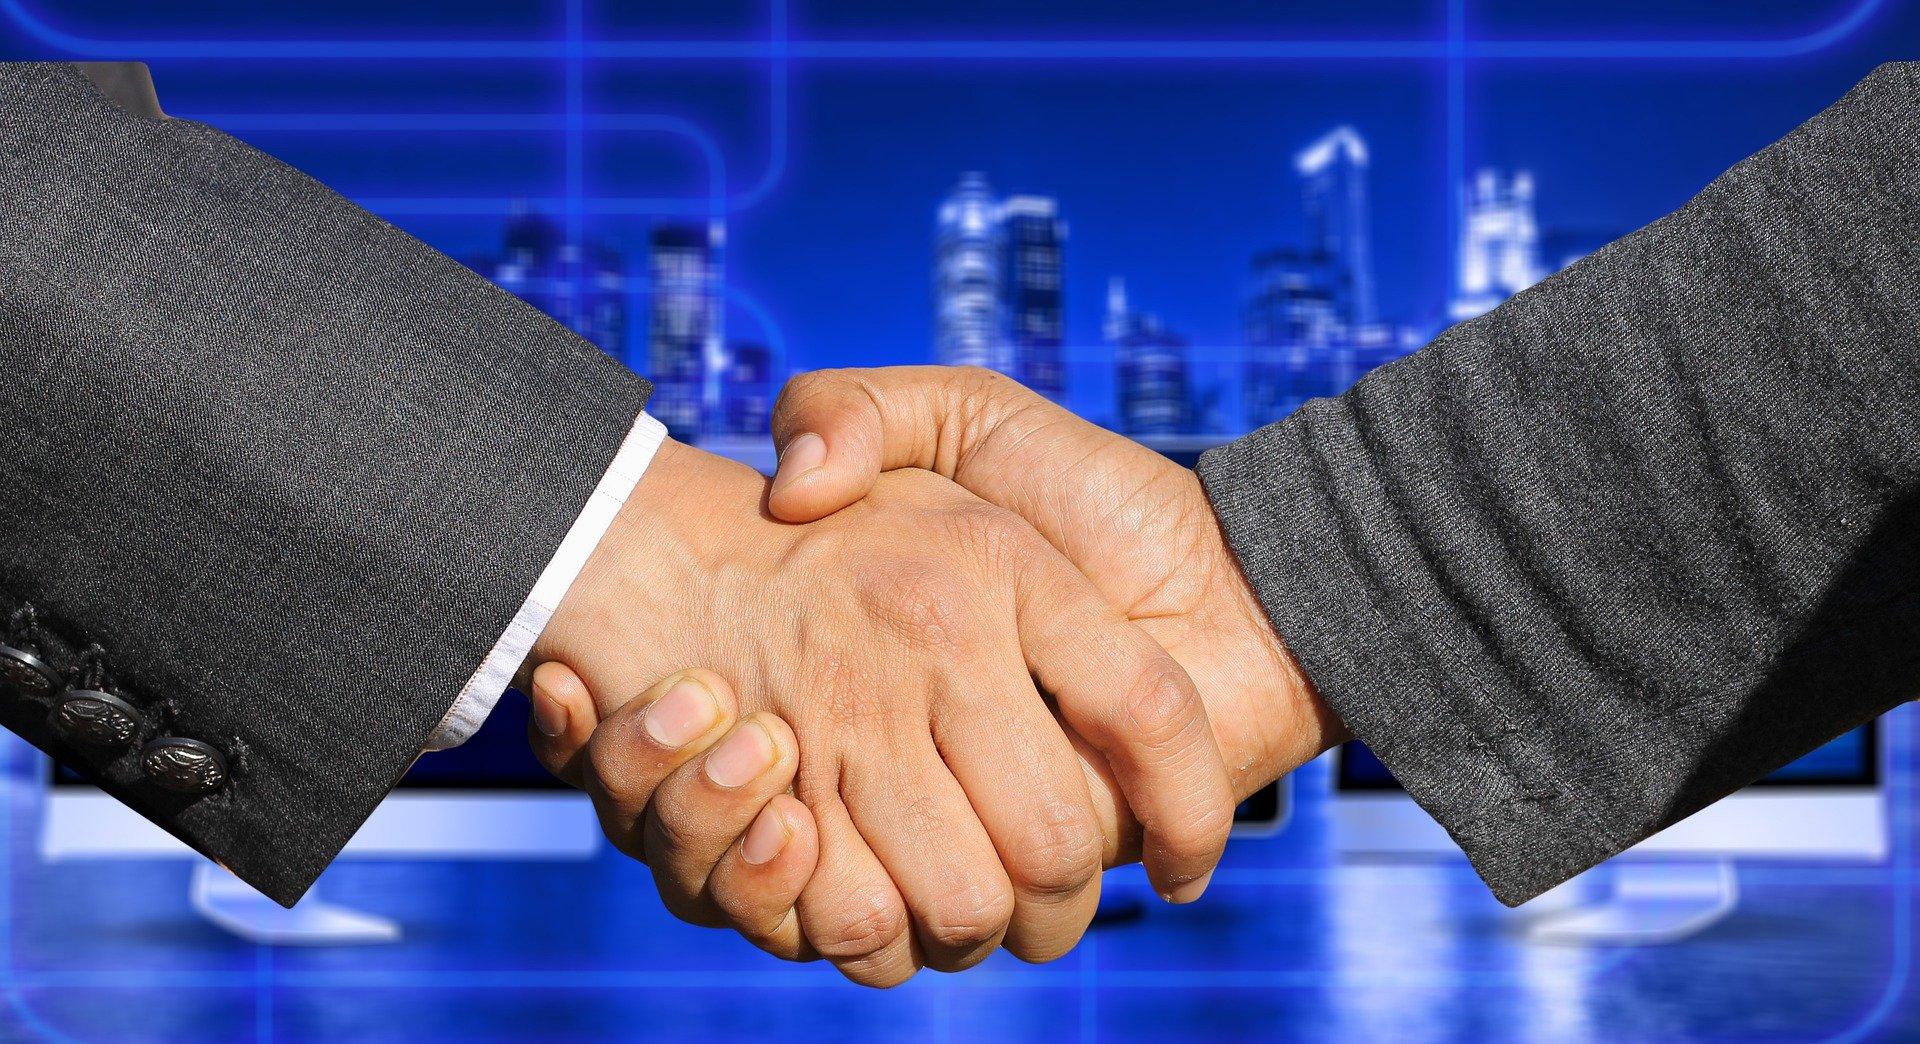 Yearn.Finance oznámila partnerství s Defi protokolem Cream